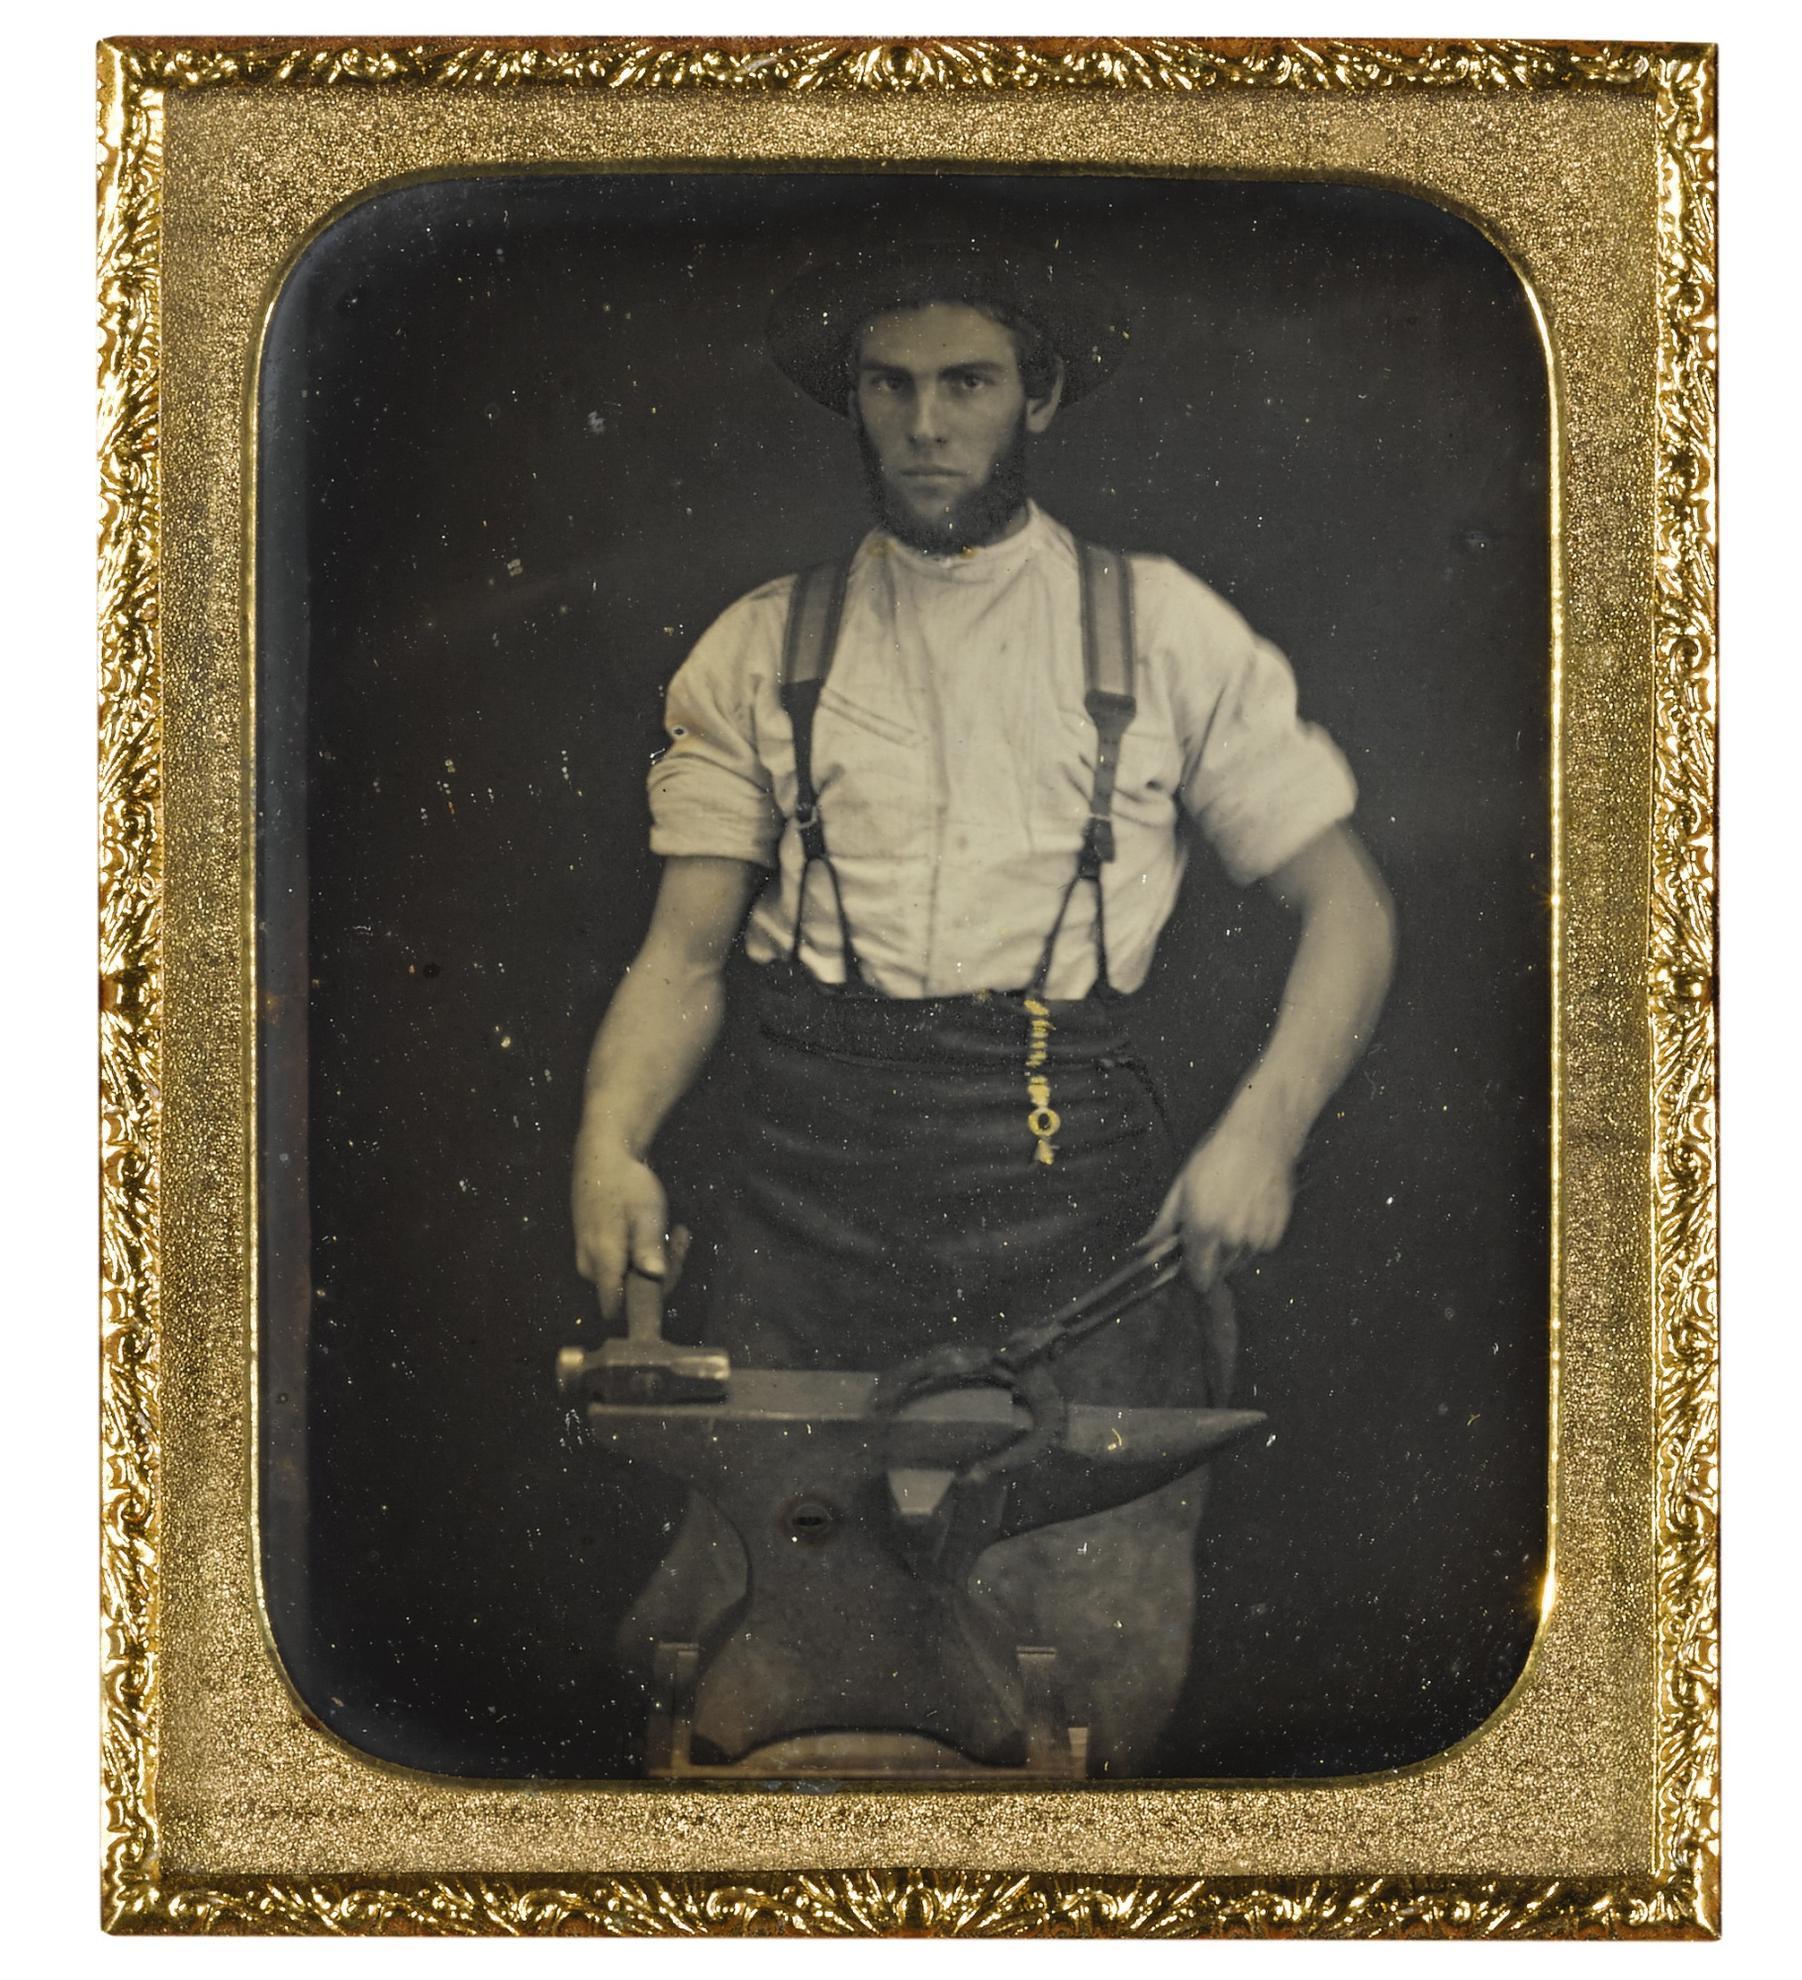 Summer A. Smith - Blacksmith Forging A Horseshoe-1860